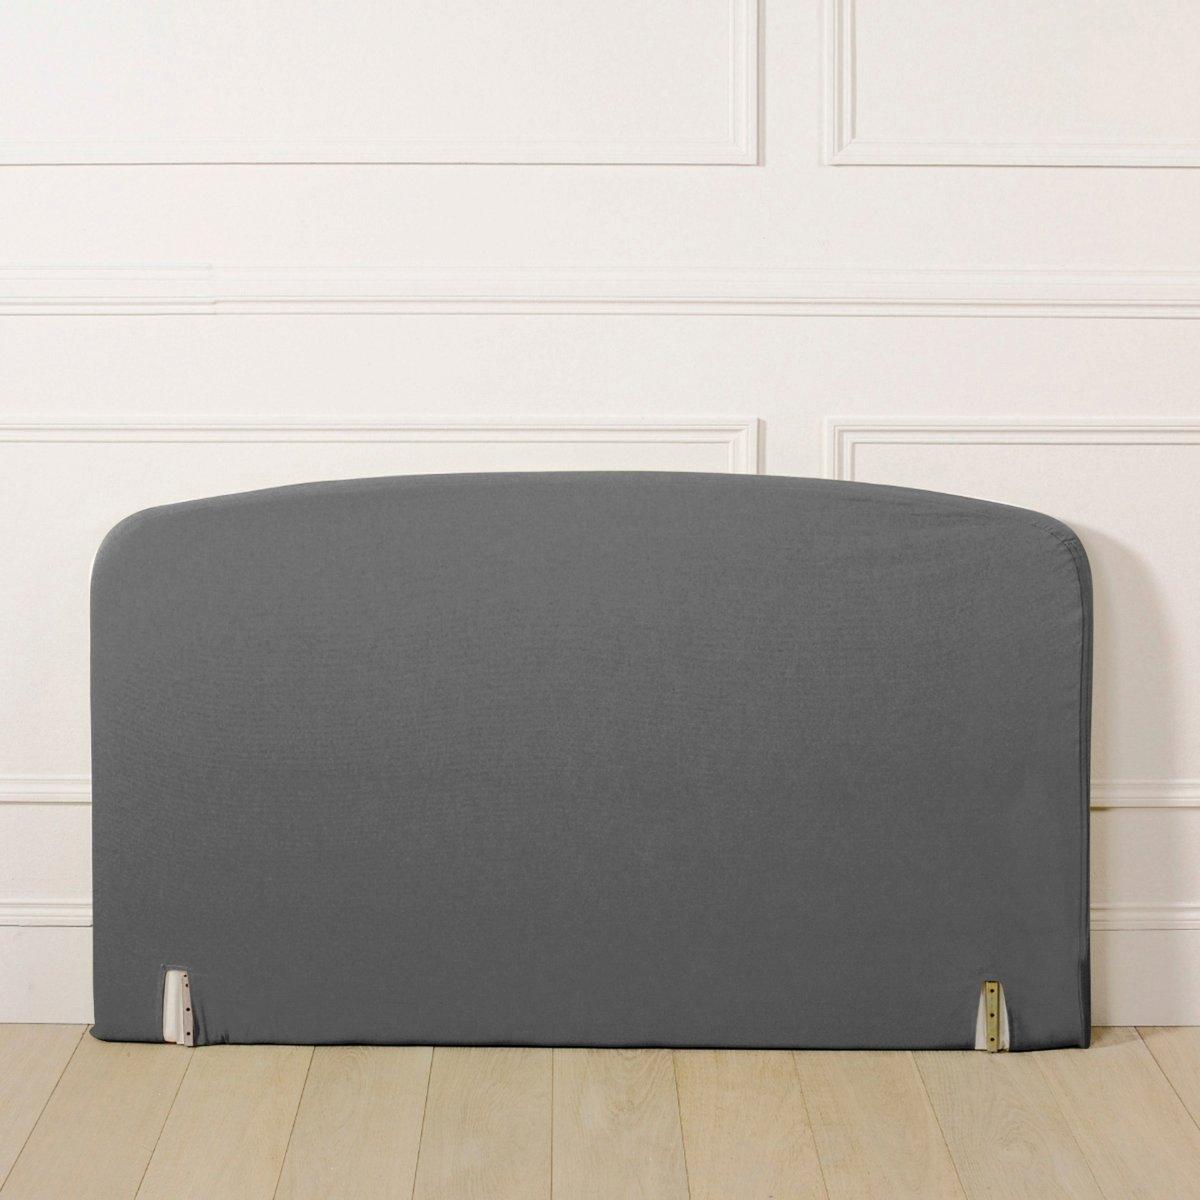 Чехол LaRedoute Для изголовья кровати изогнутой формы из поликоттона 140 x 85 см серый